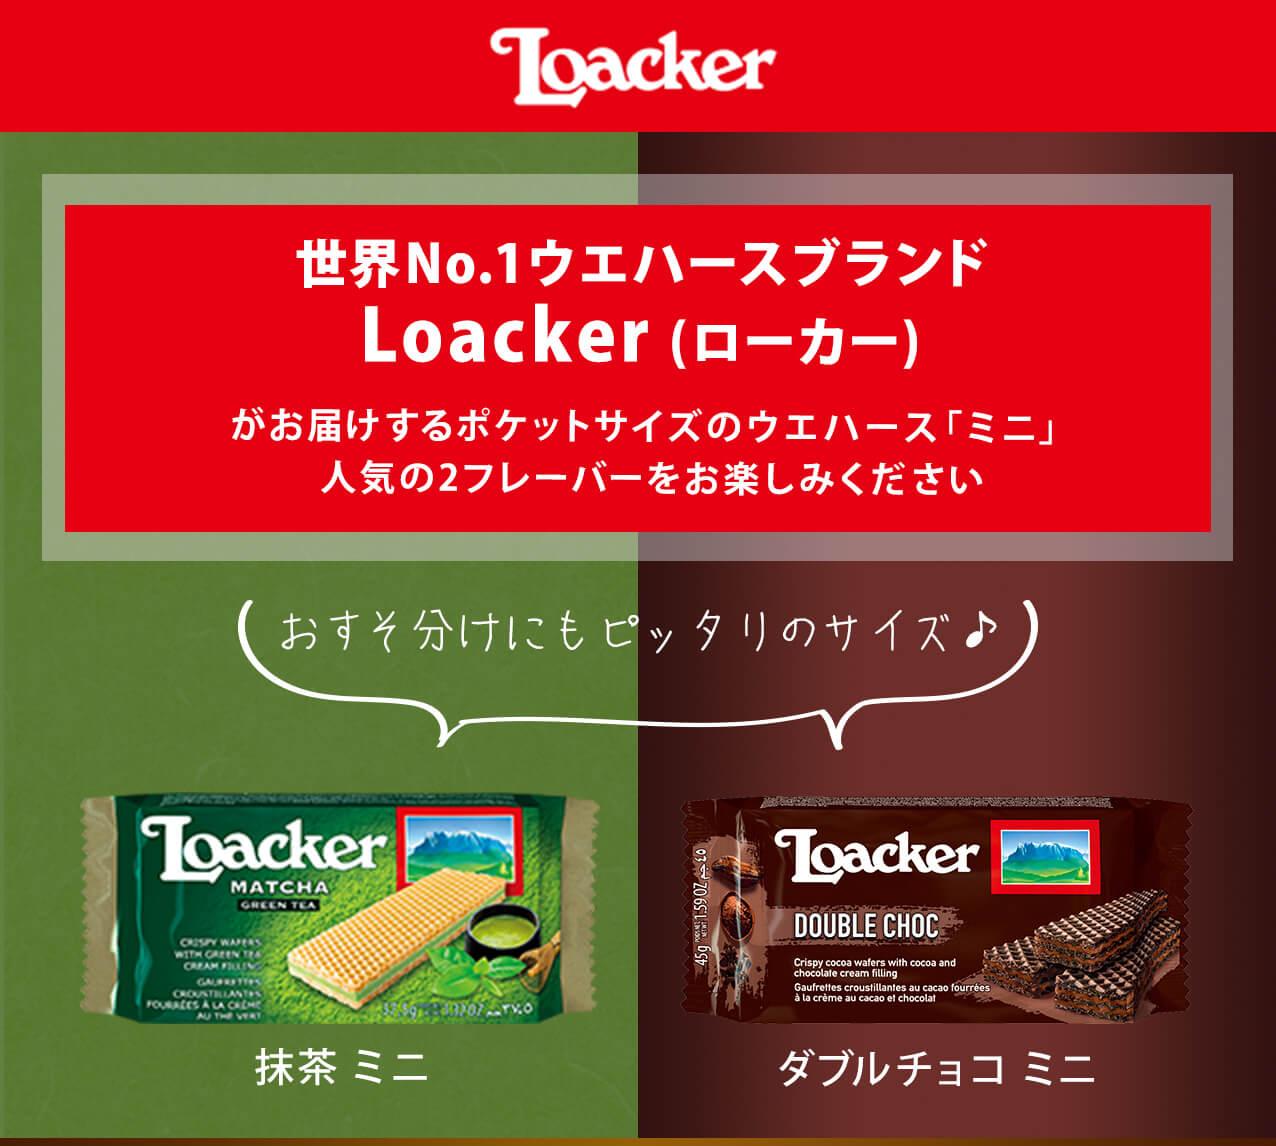 世界No.1ウエハースブランド Loacker(ローカー)がお届けするポケットサイズのウエハース「ミニ」人気の2フレーバーをお楽しみください